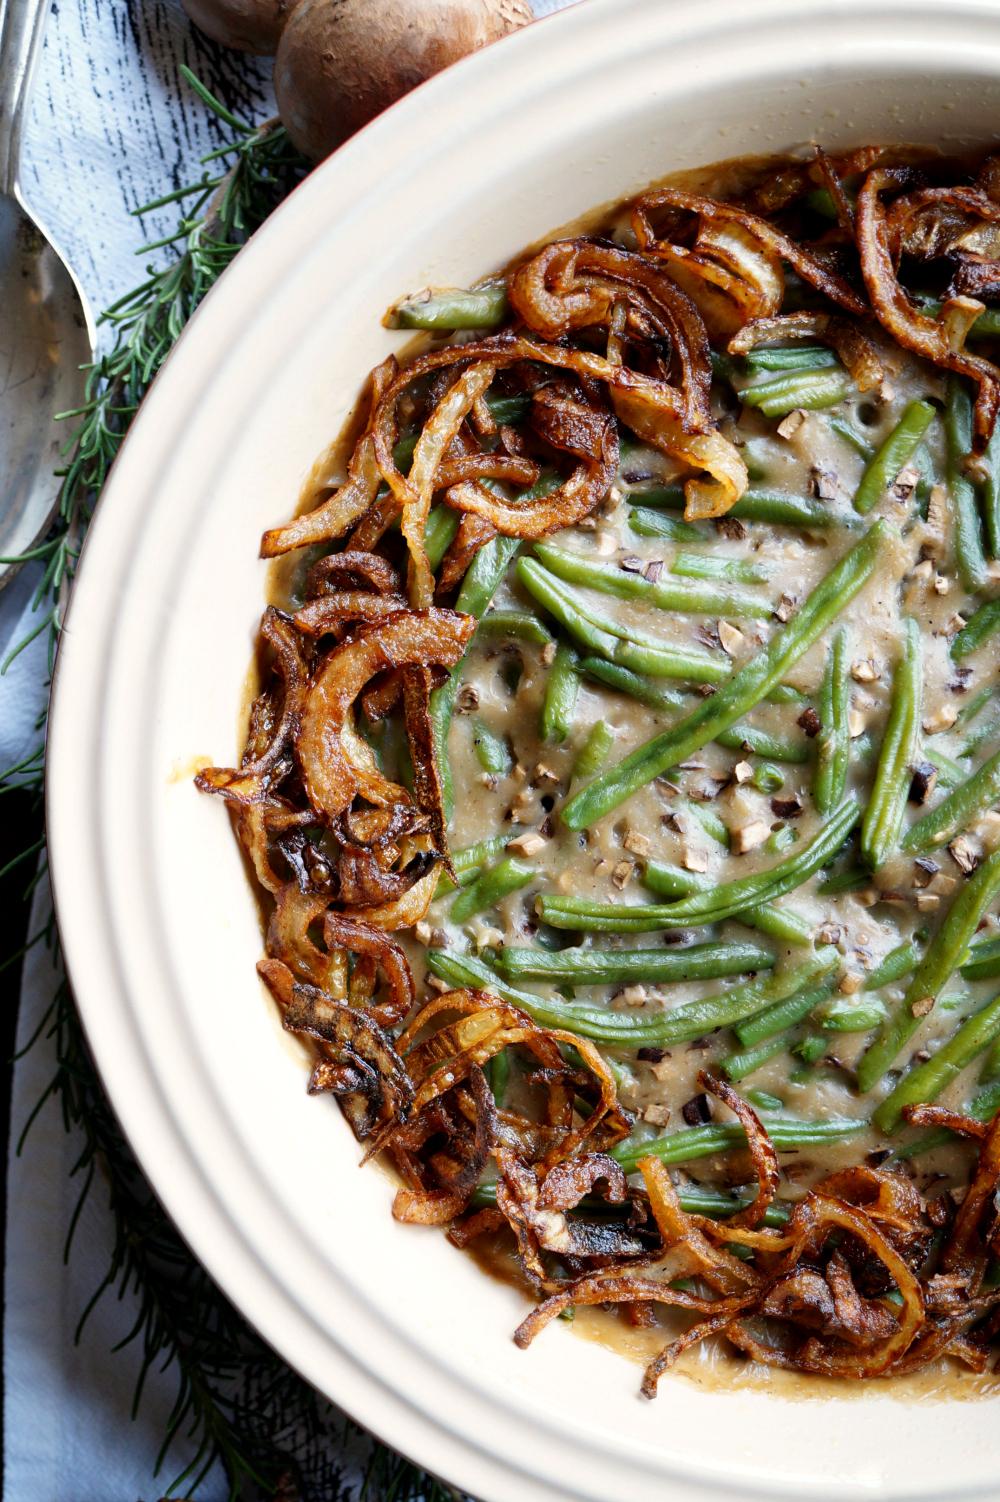 vegan green bean casserole from scratch | The Baking Fairy